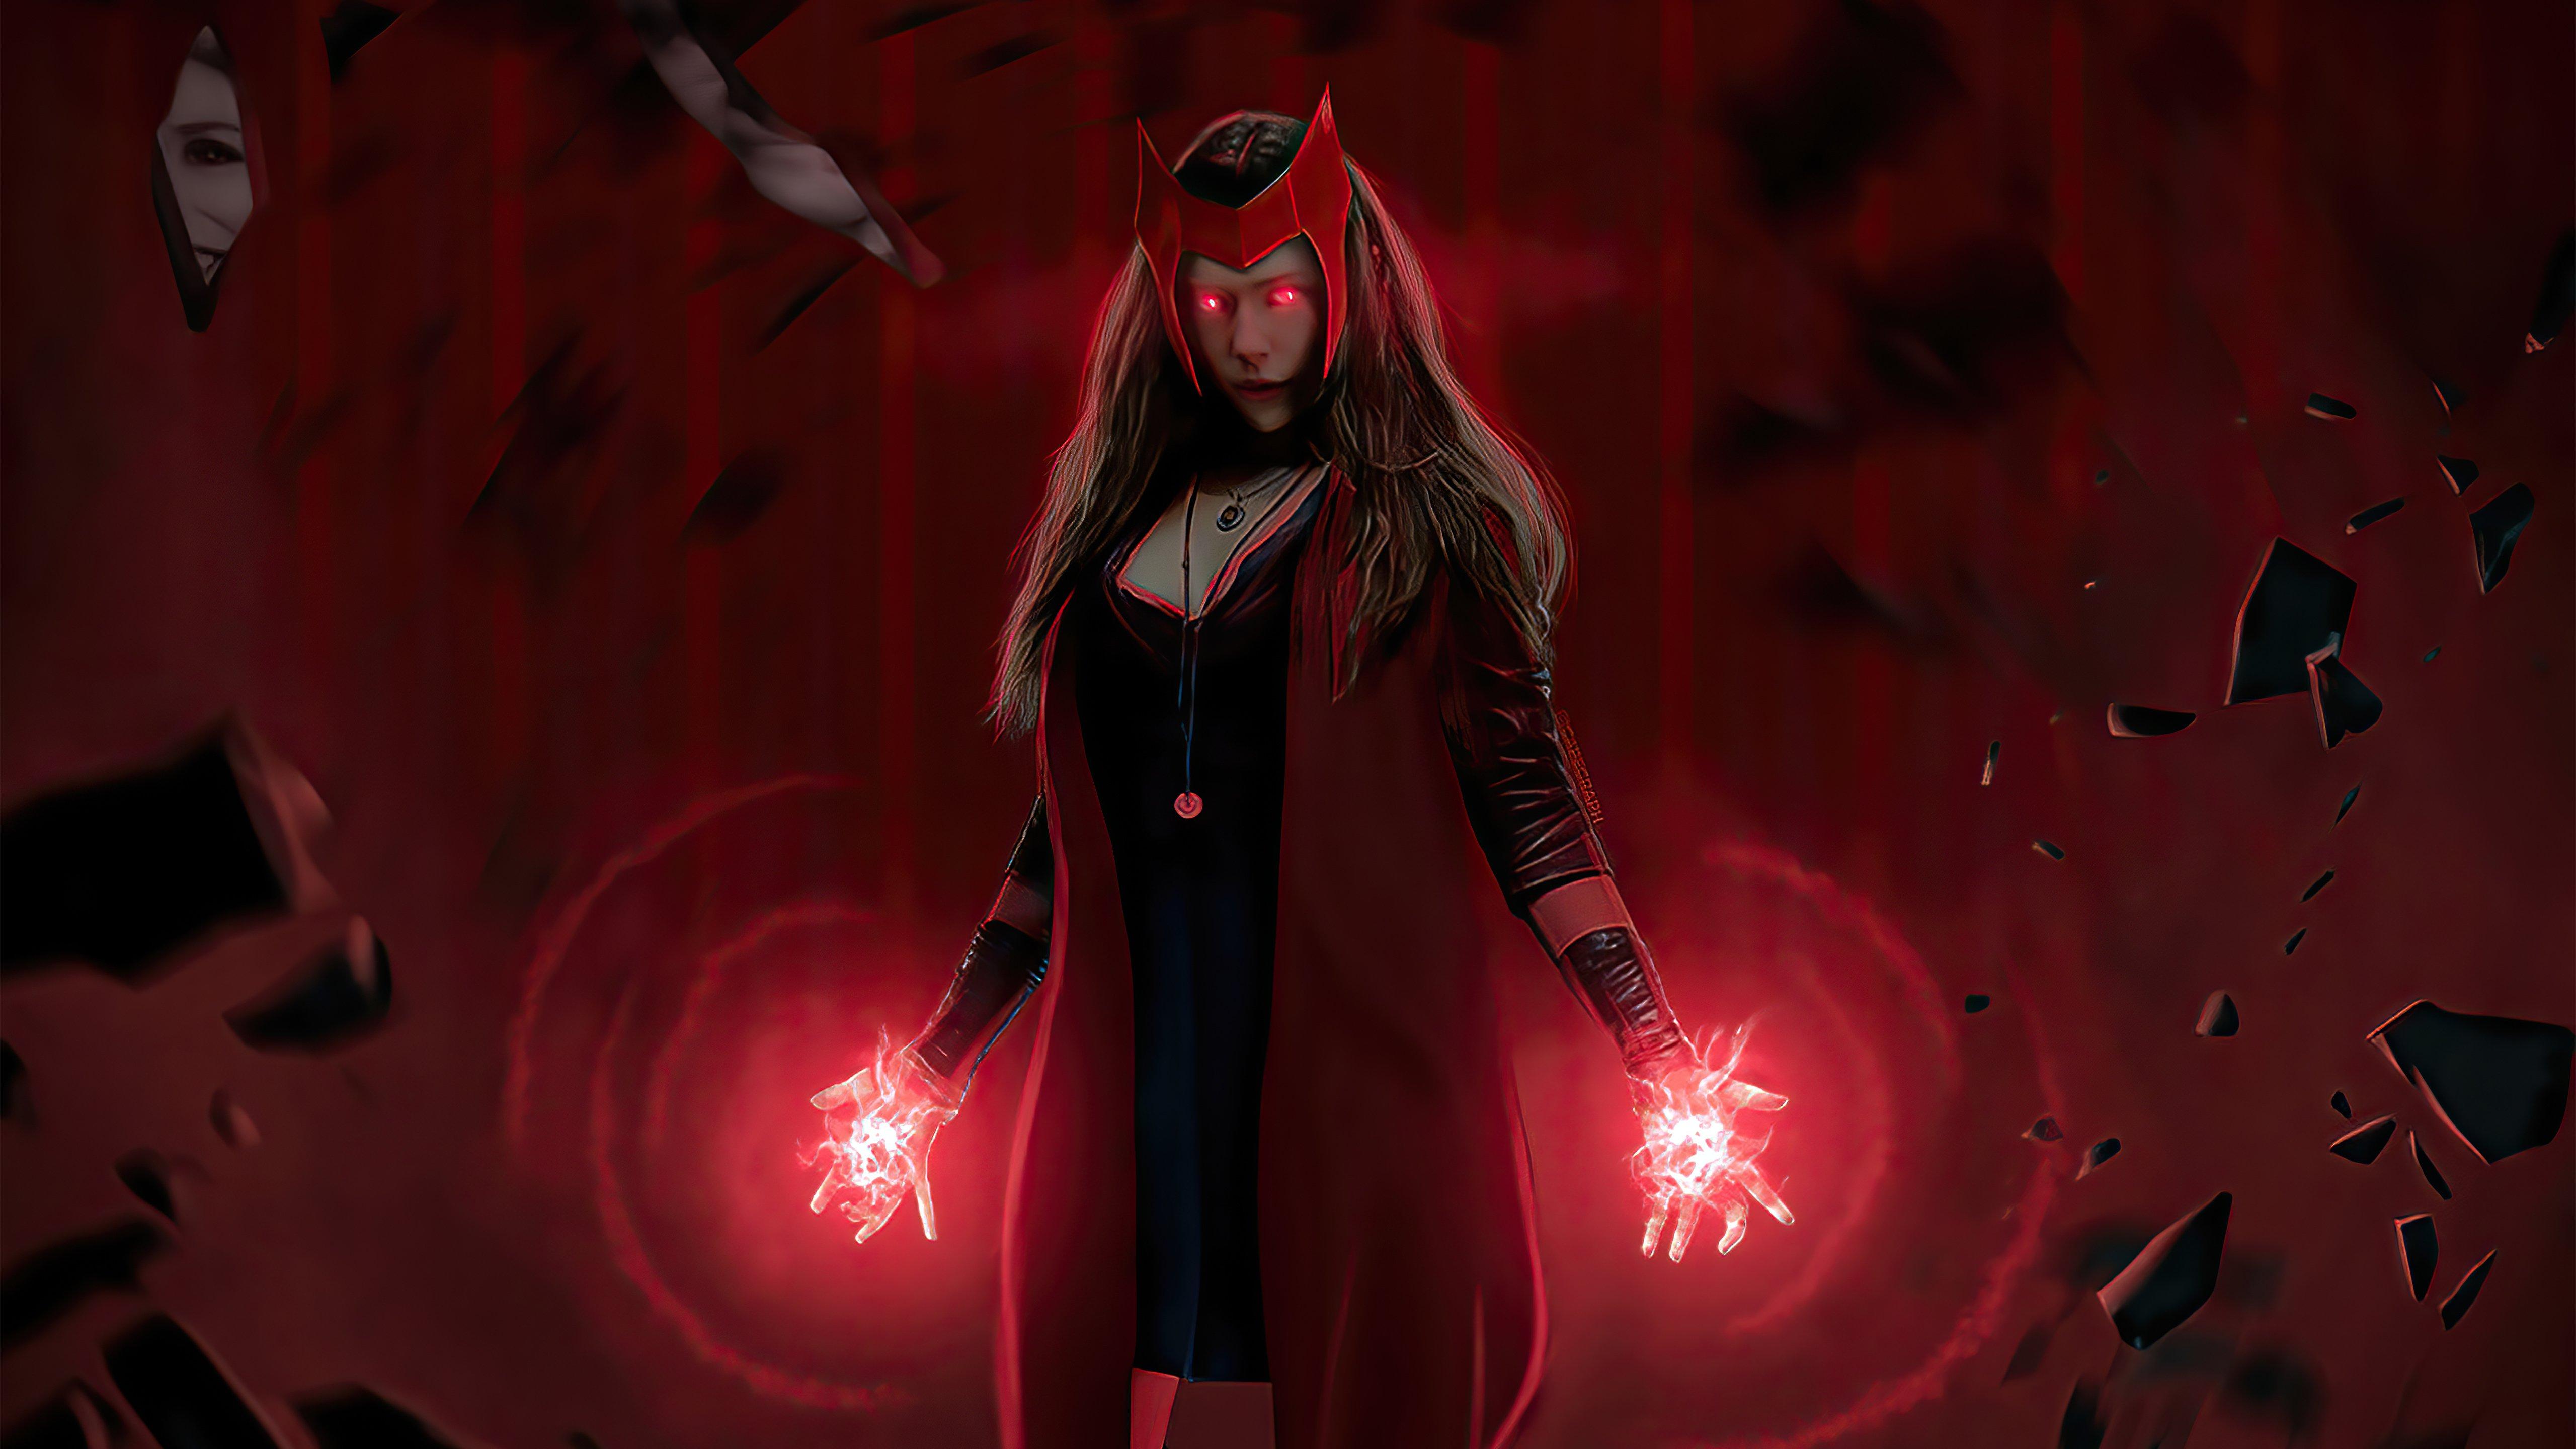 Fondos de pantalla Wanda usando sus poderes